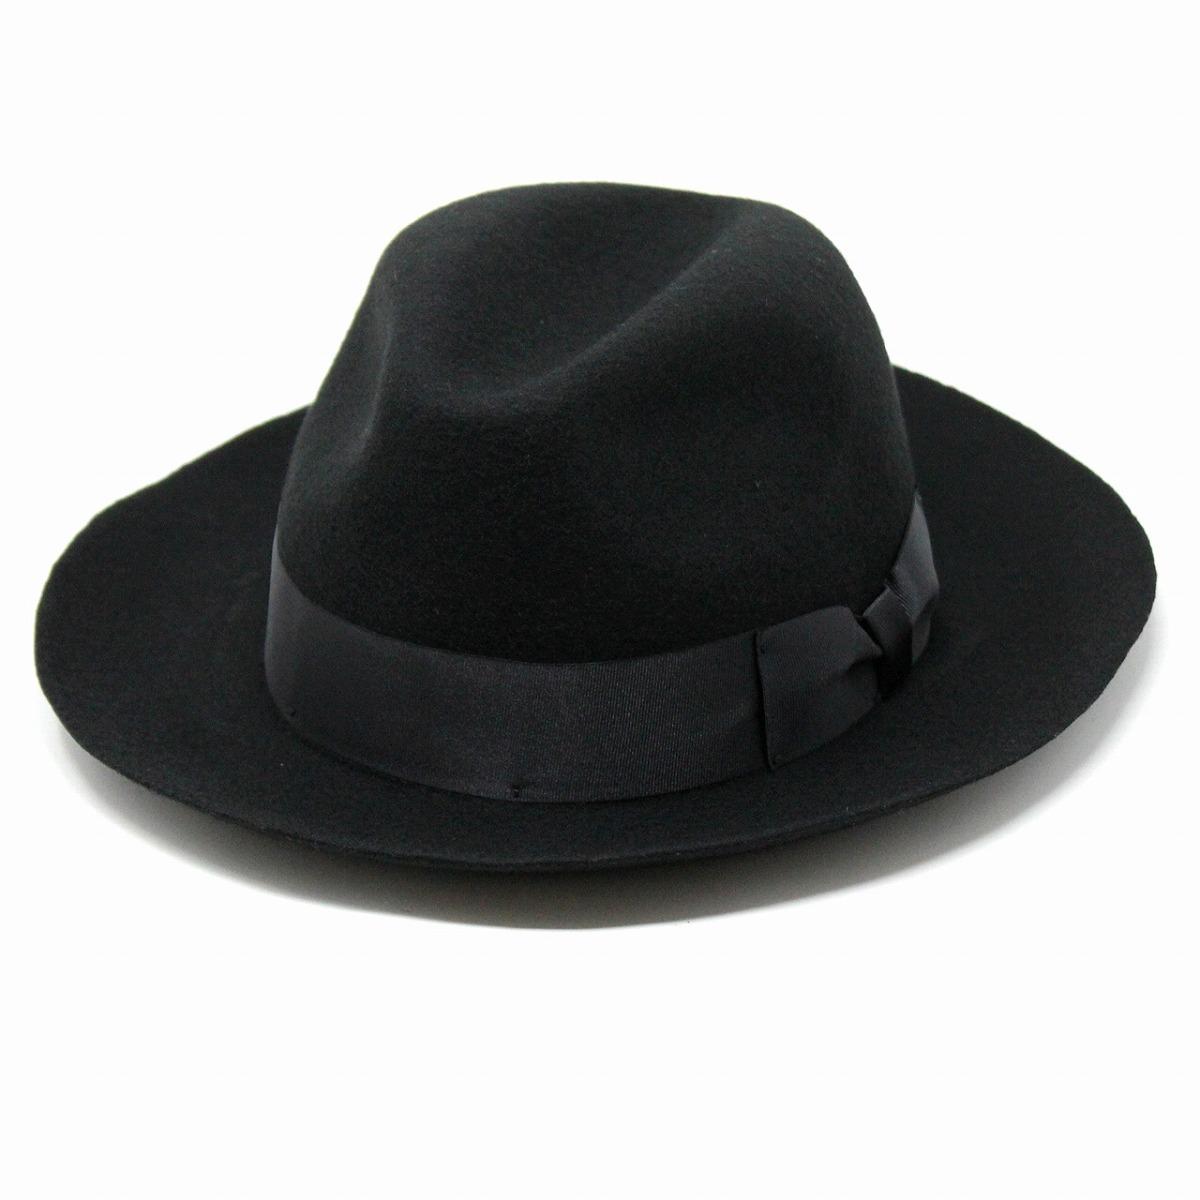 MAZZONI turu Hat mens fall winter Italy felt Hat Caps hats Mazzoni felt  made in Italy turu Hat Black (40s 50s 60s 70s fashion men Hat plain Hat  wool wool ... 57ac3044992